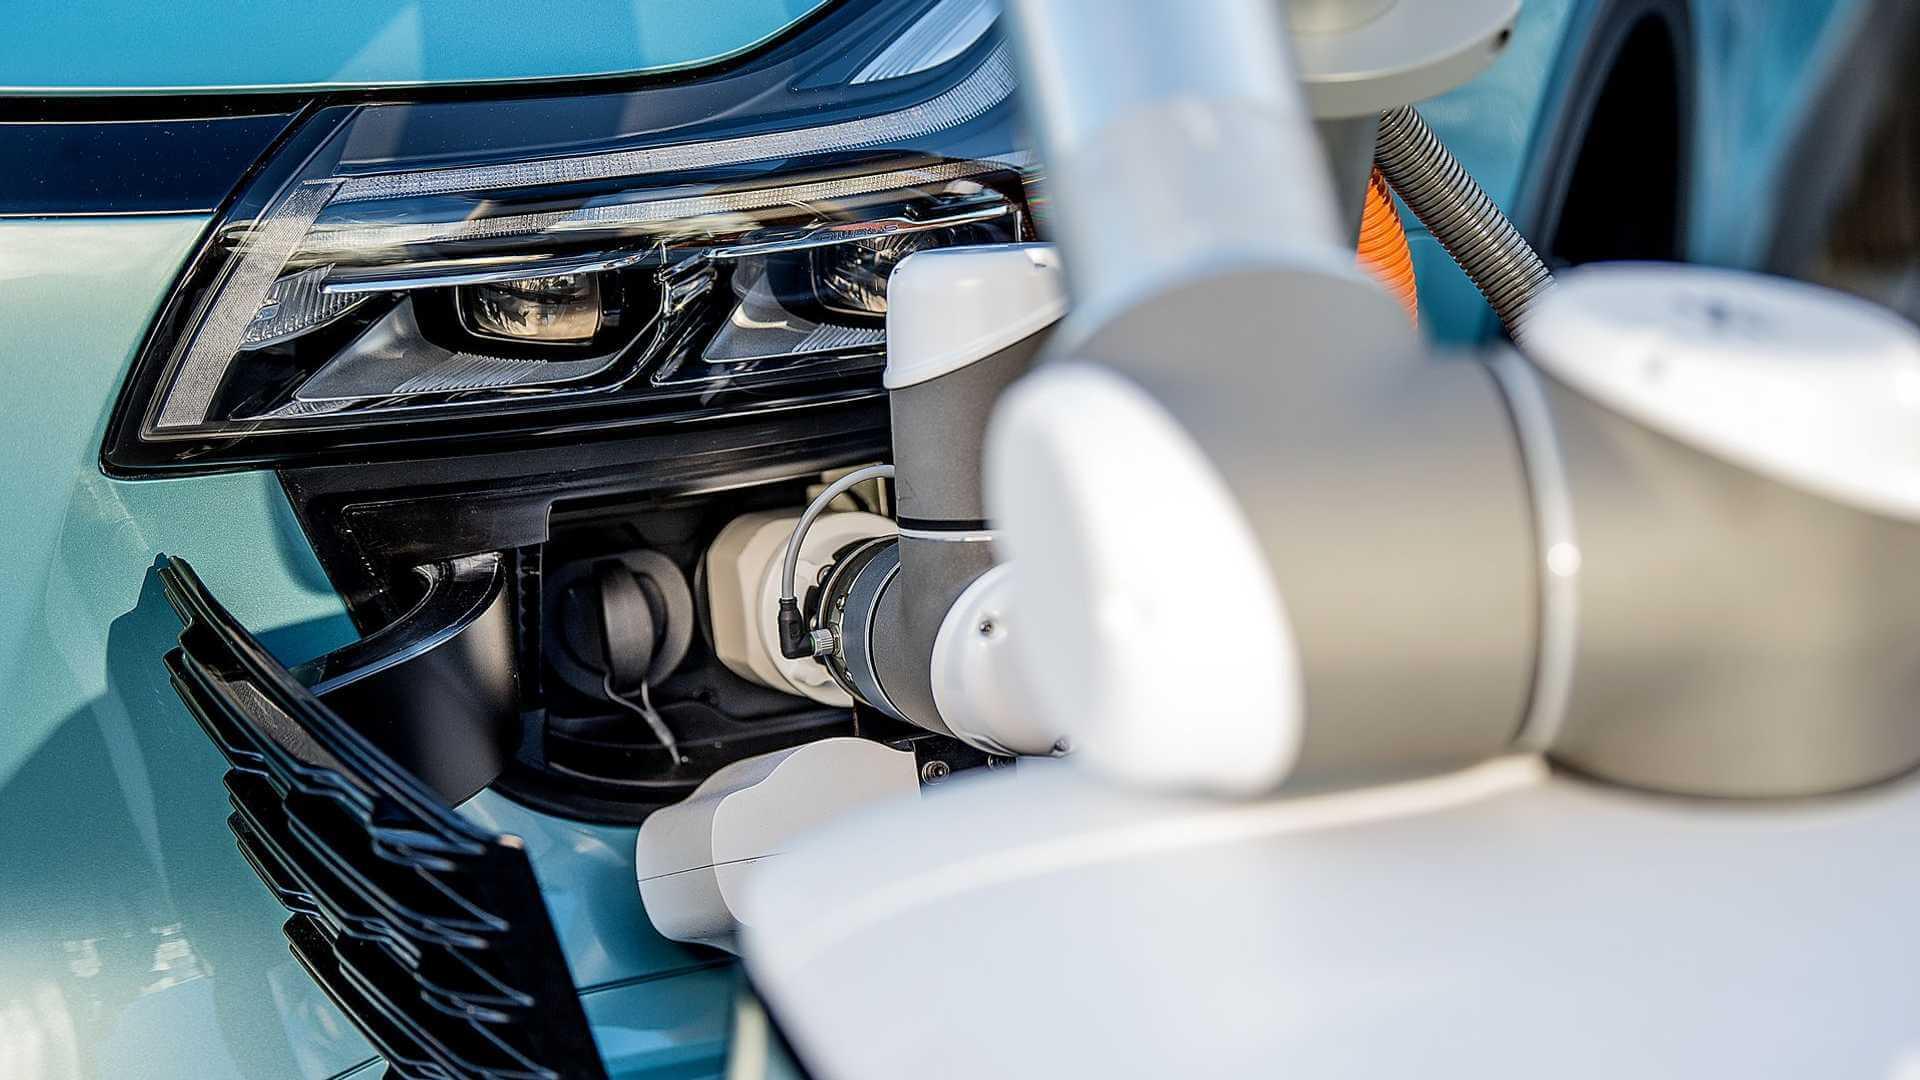 Подключение автономного зарядного робота CARL к электромобилю Aiways U5